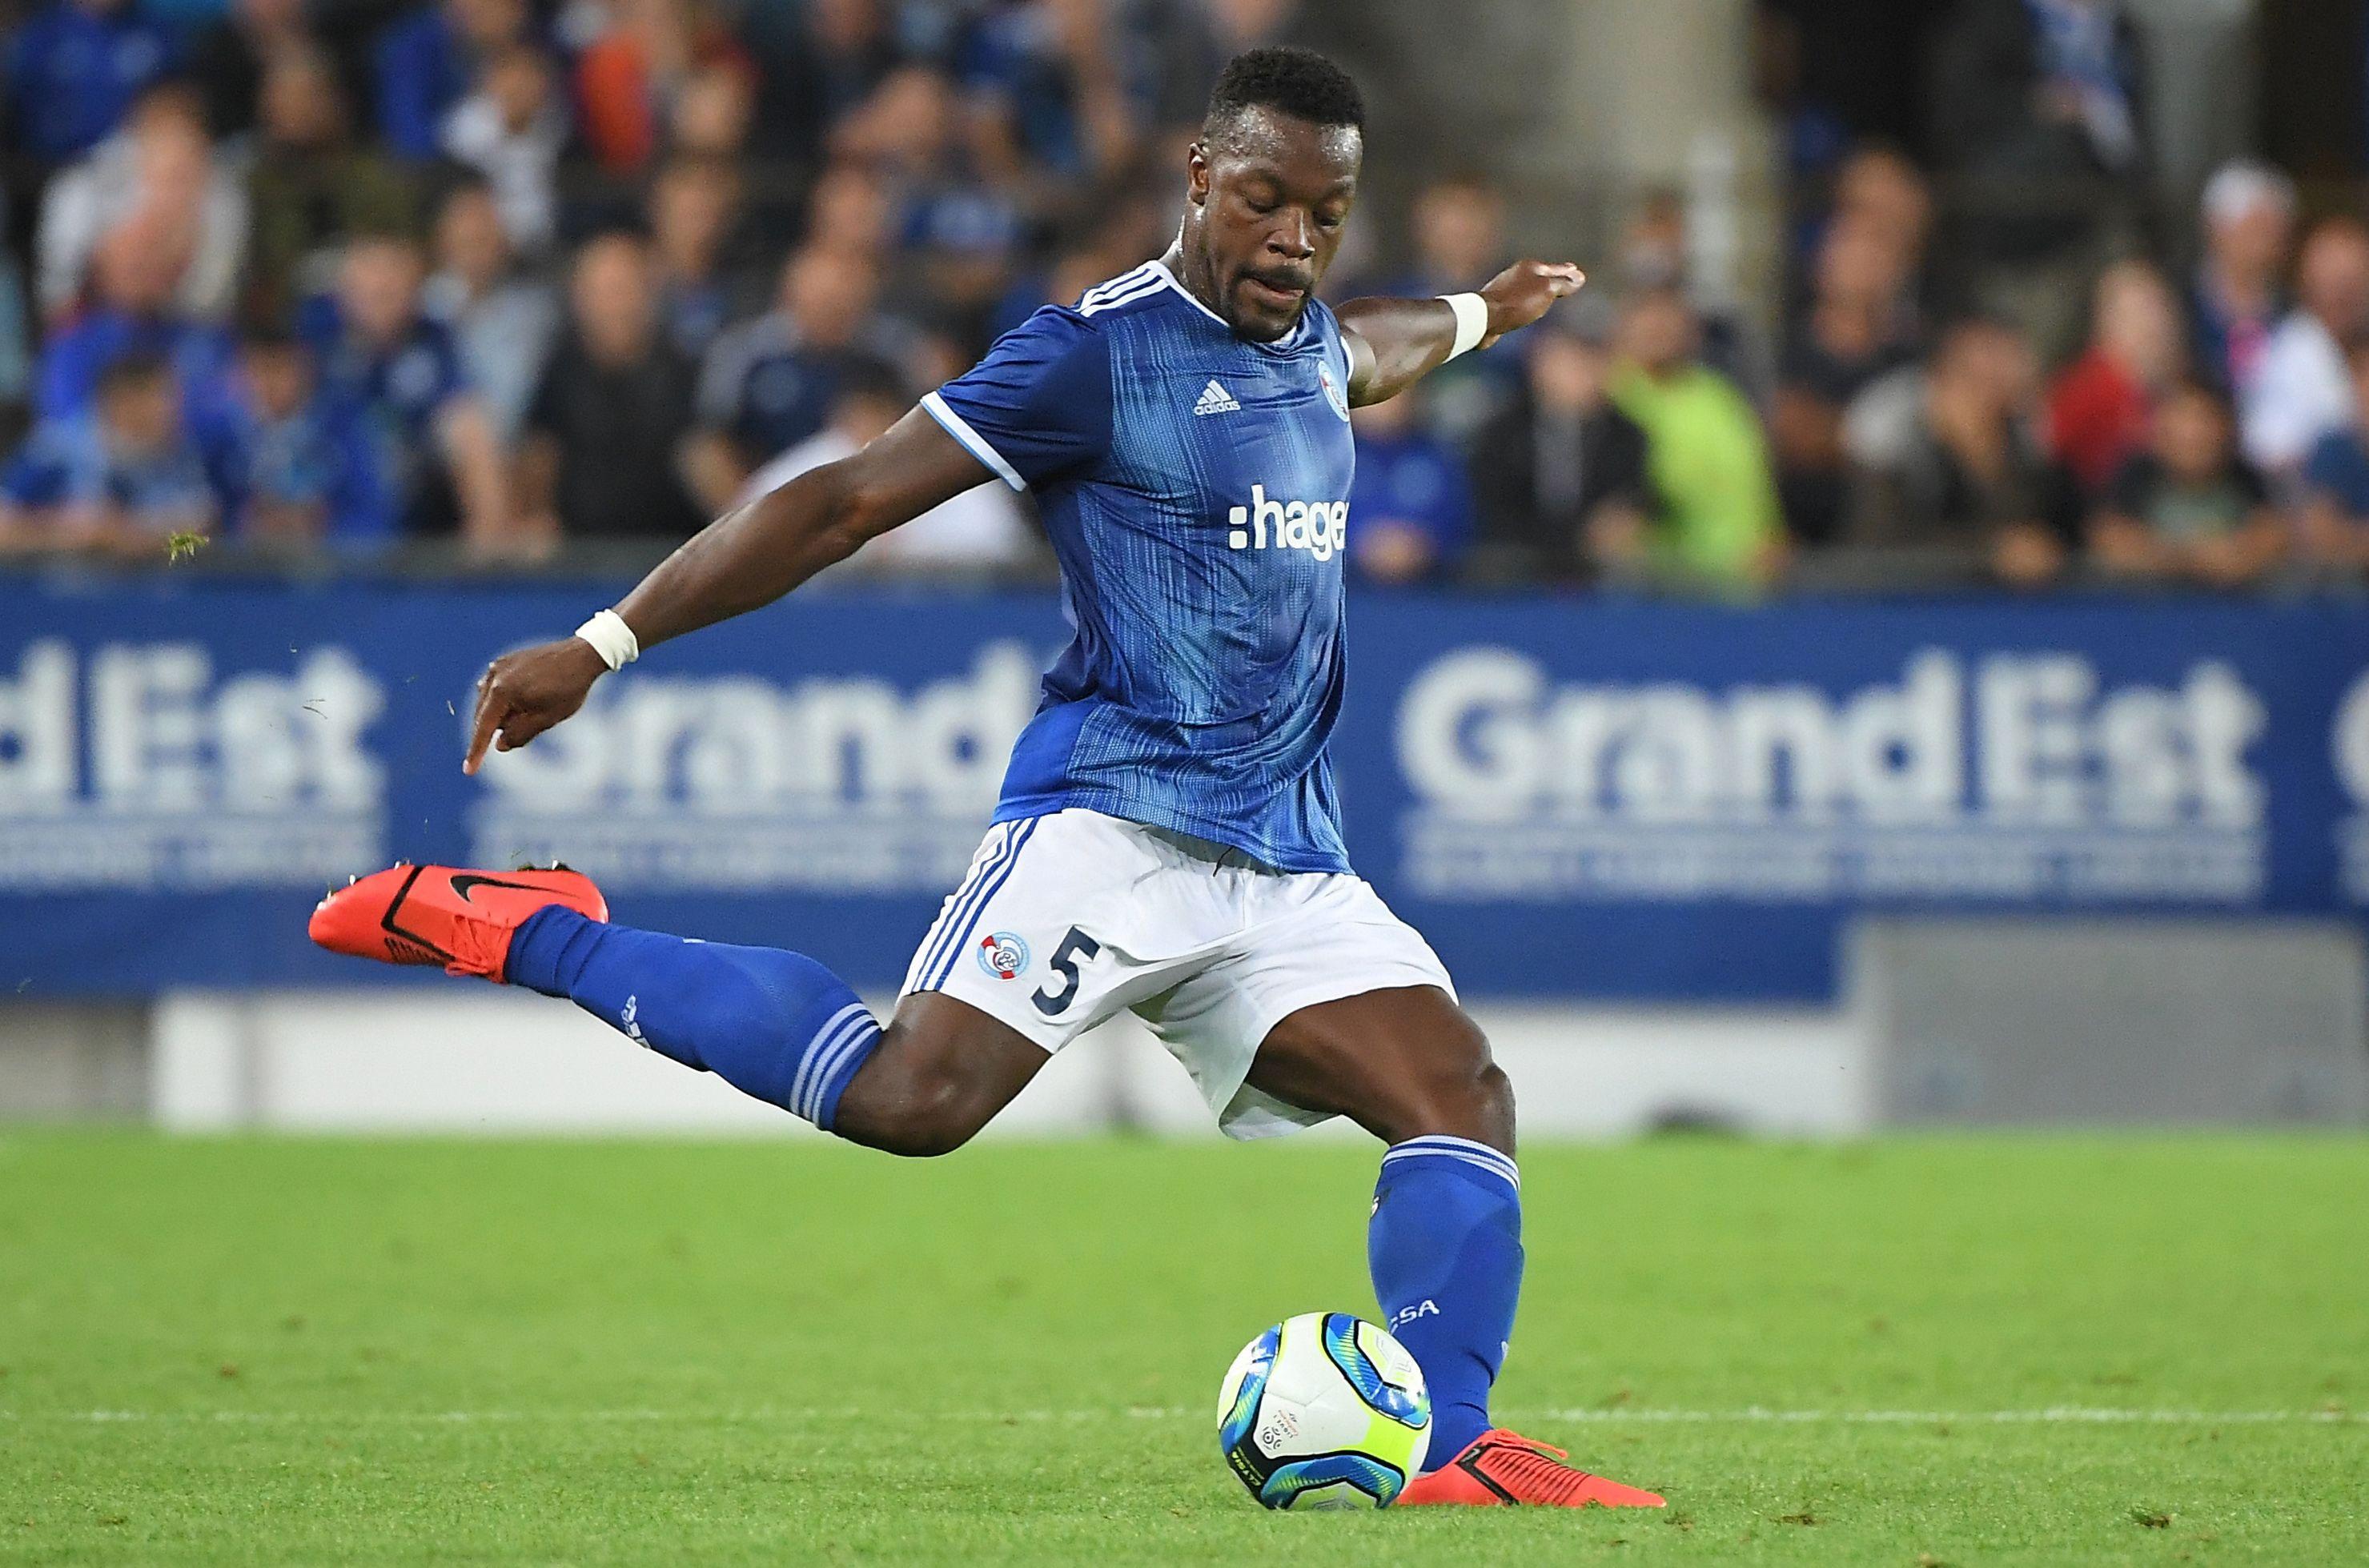 Infos sports en direct : Football - </b>Ligue Europa - Ligue Europa  : </b>Strasbourg veut déjouer les pronostics contre Francfort